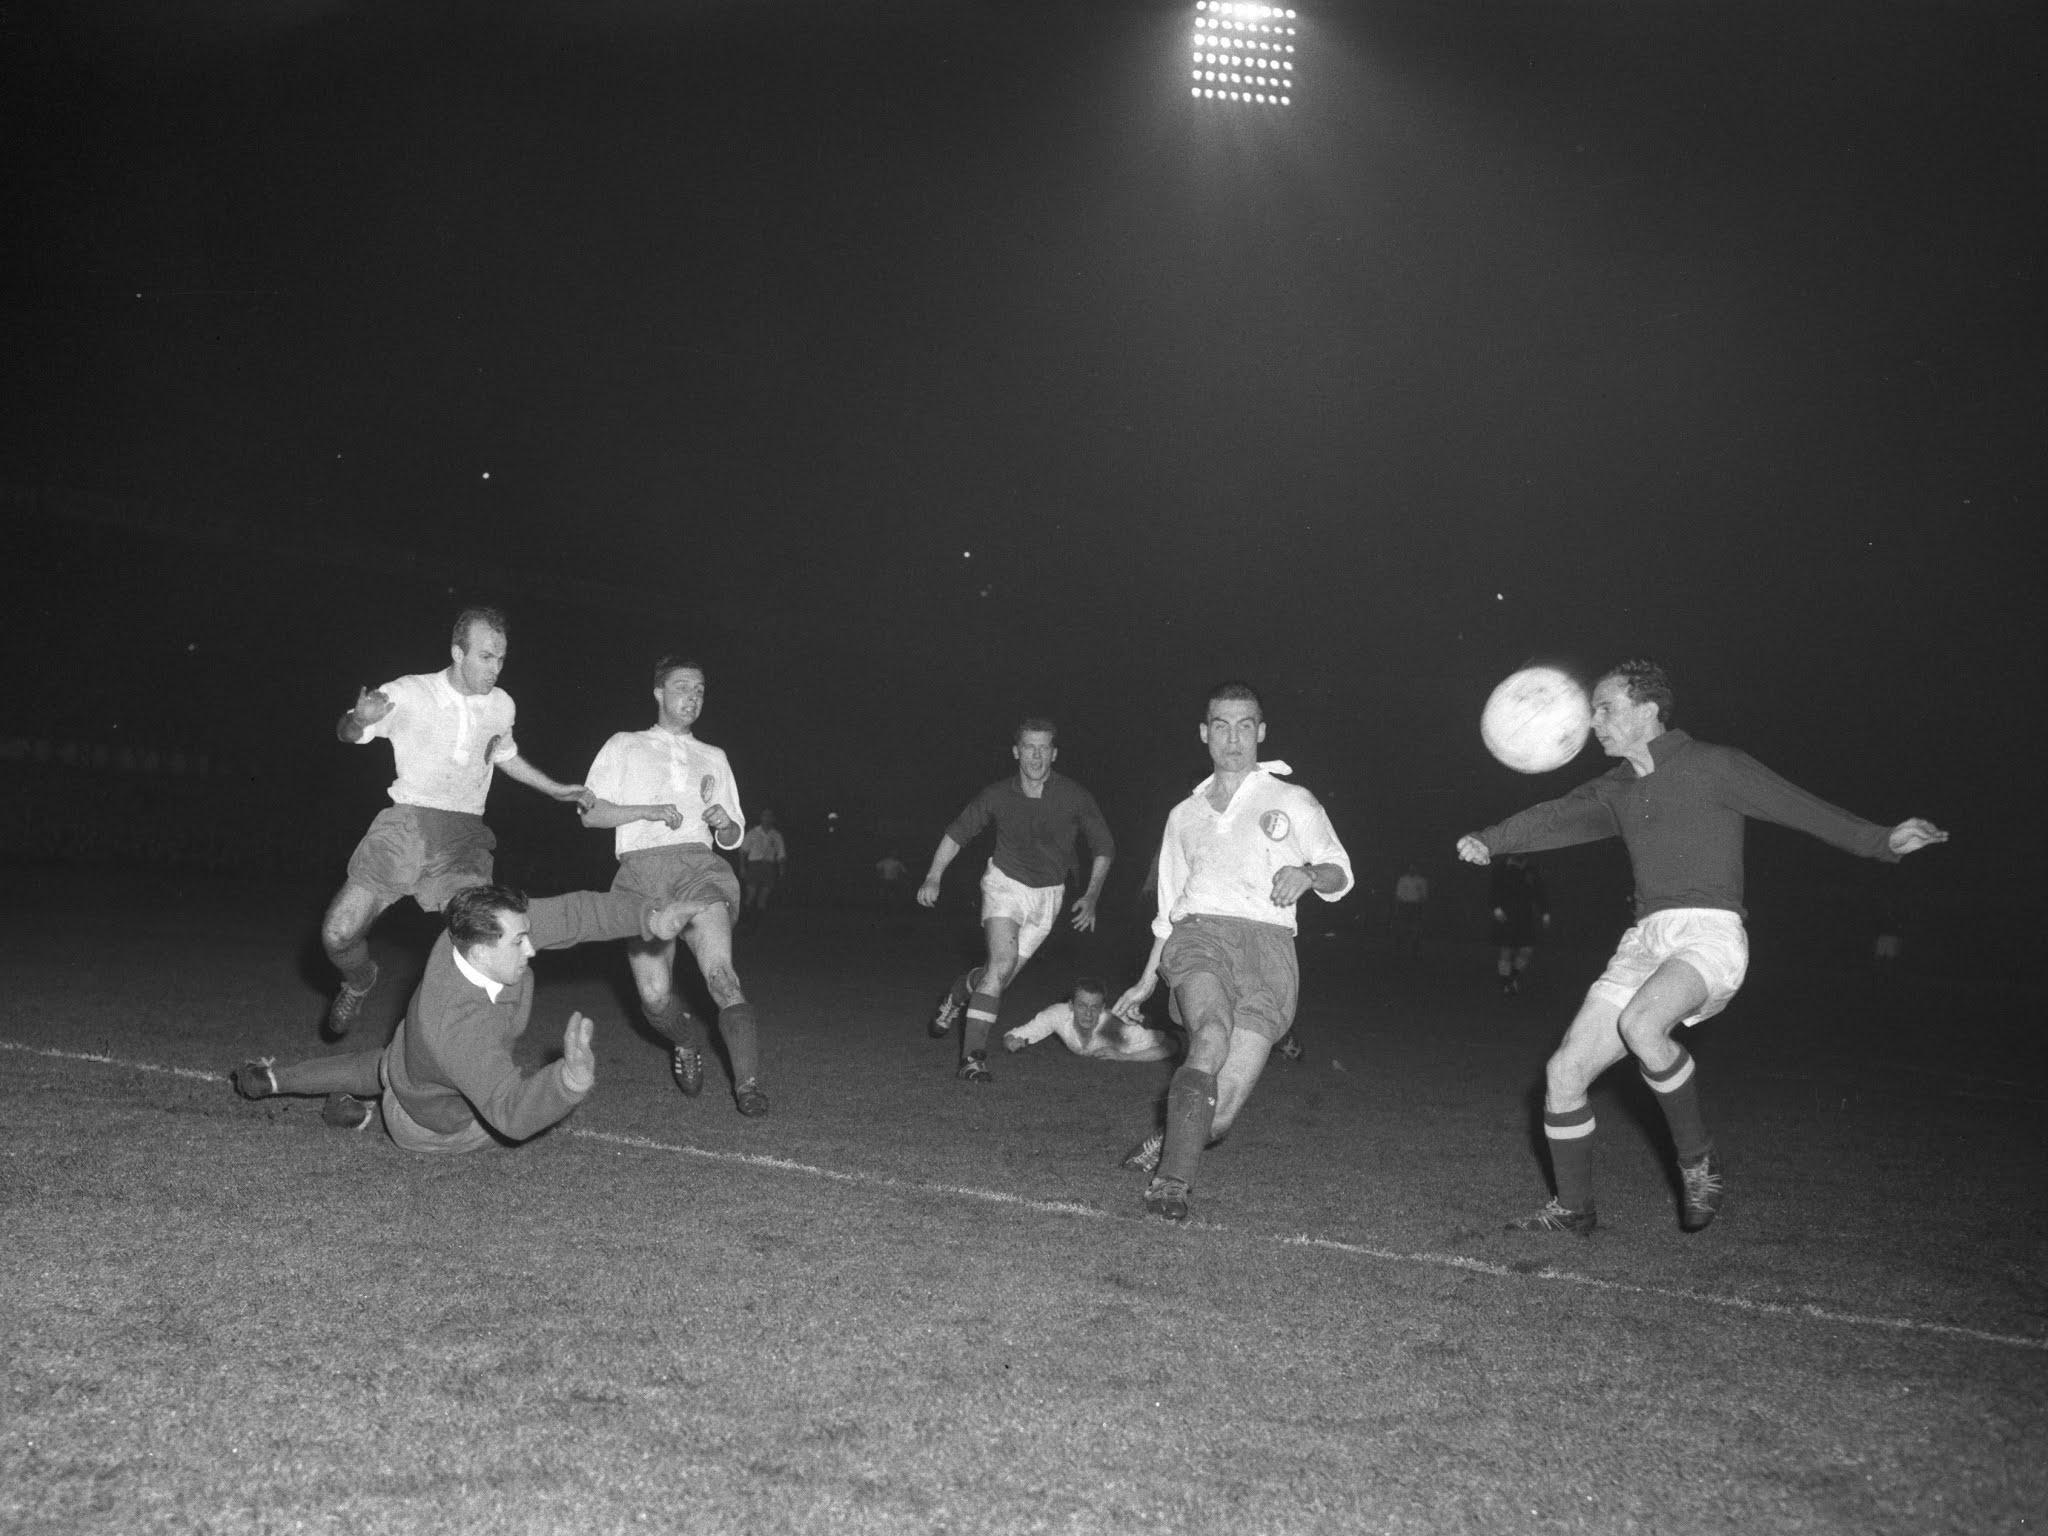 Riny van Woerden, Cor Veldhoen en Gerard Kerkum helpen Eddie Pieters Graafland een goal te voorkomen